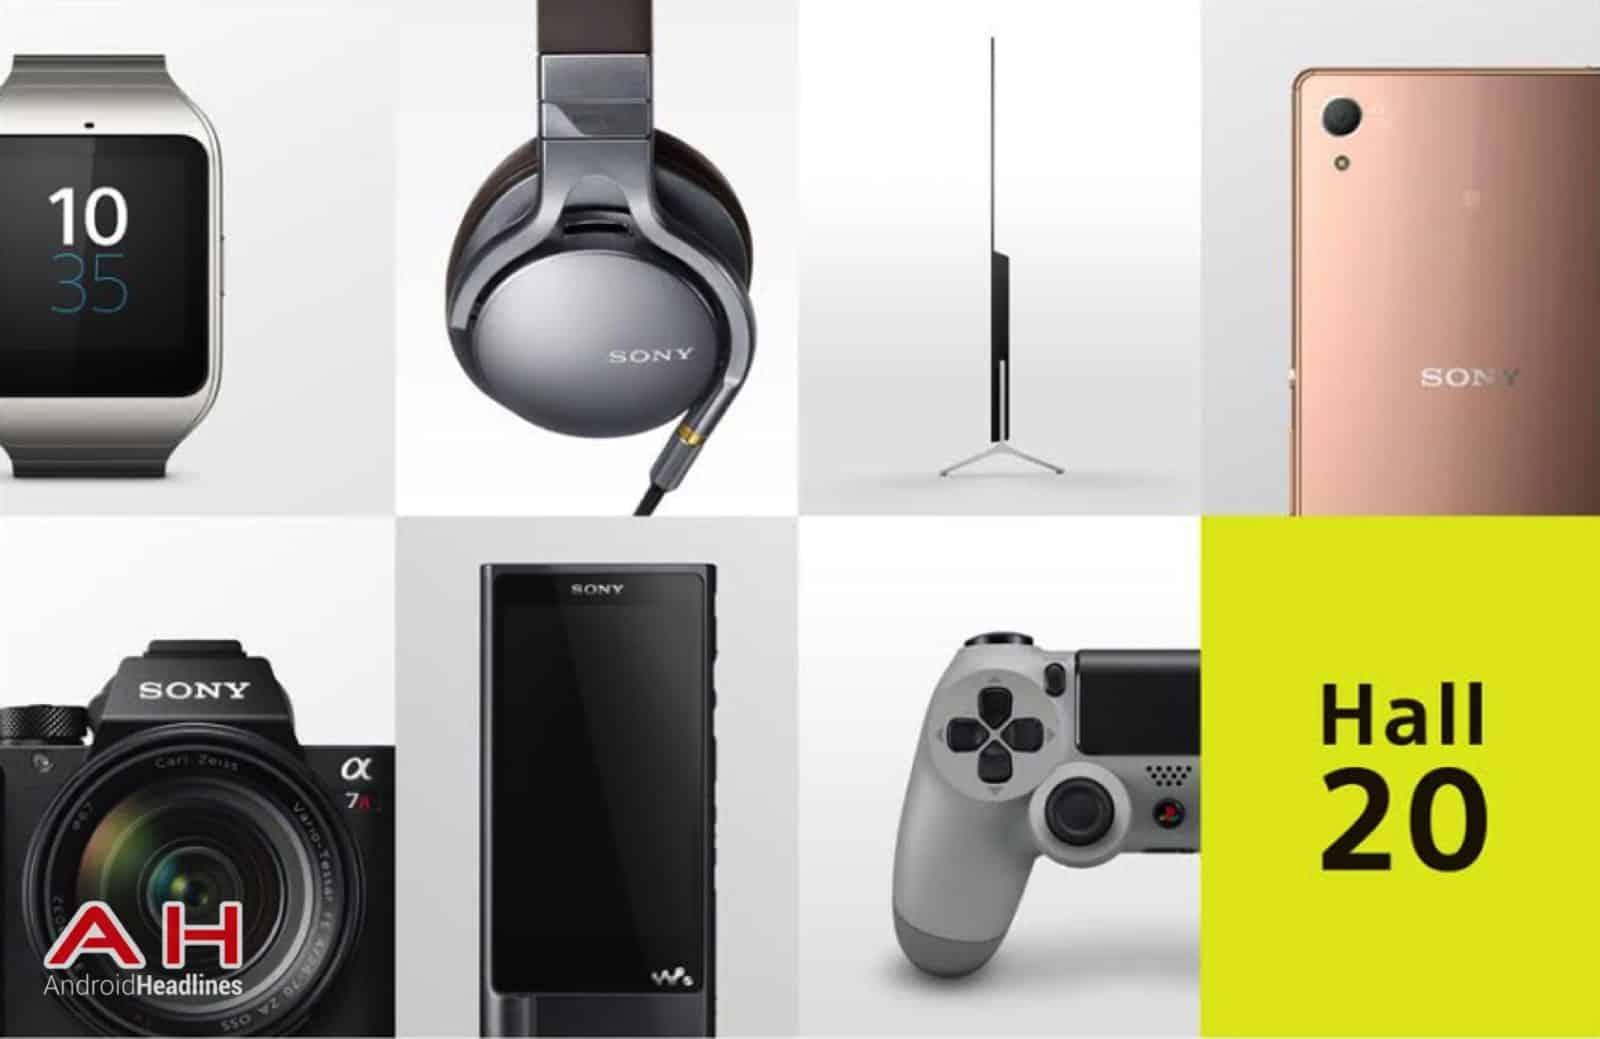 Sony IFA 2015 AH